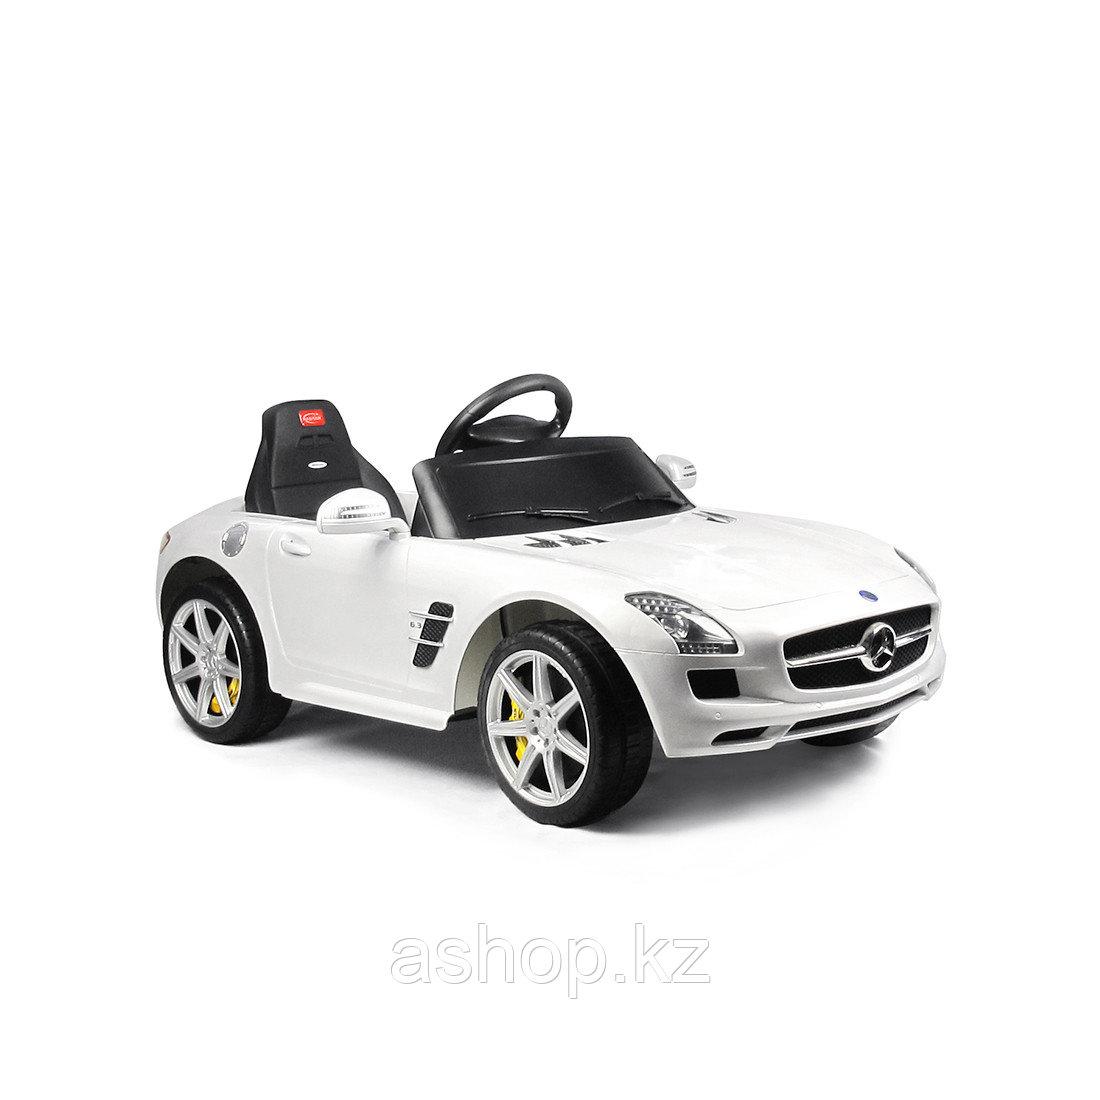 Электромобиль детский Rastar Mercedes-Benz SLS AMG, Цвет: Белый, Упаковка: Коробка, (81600W)